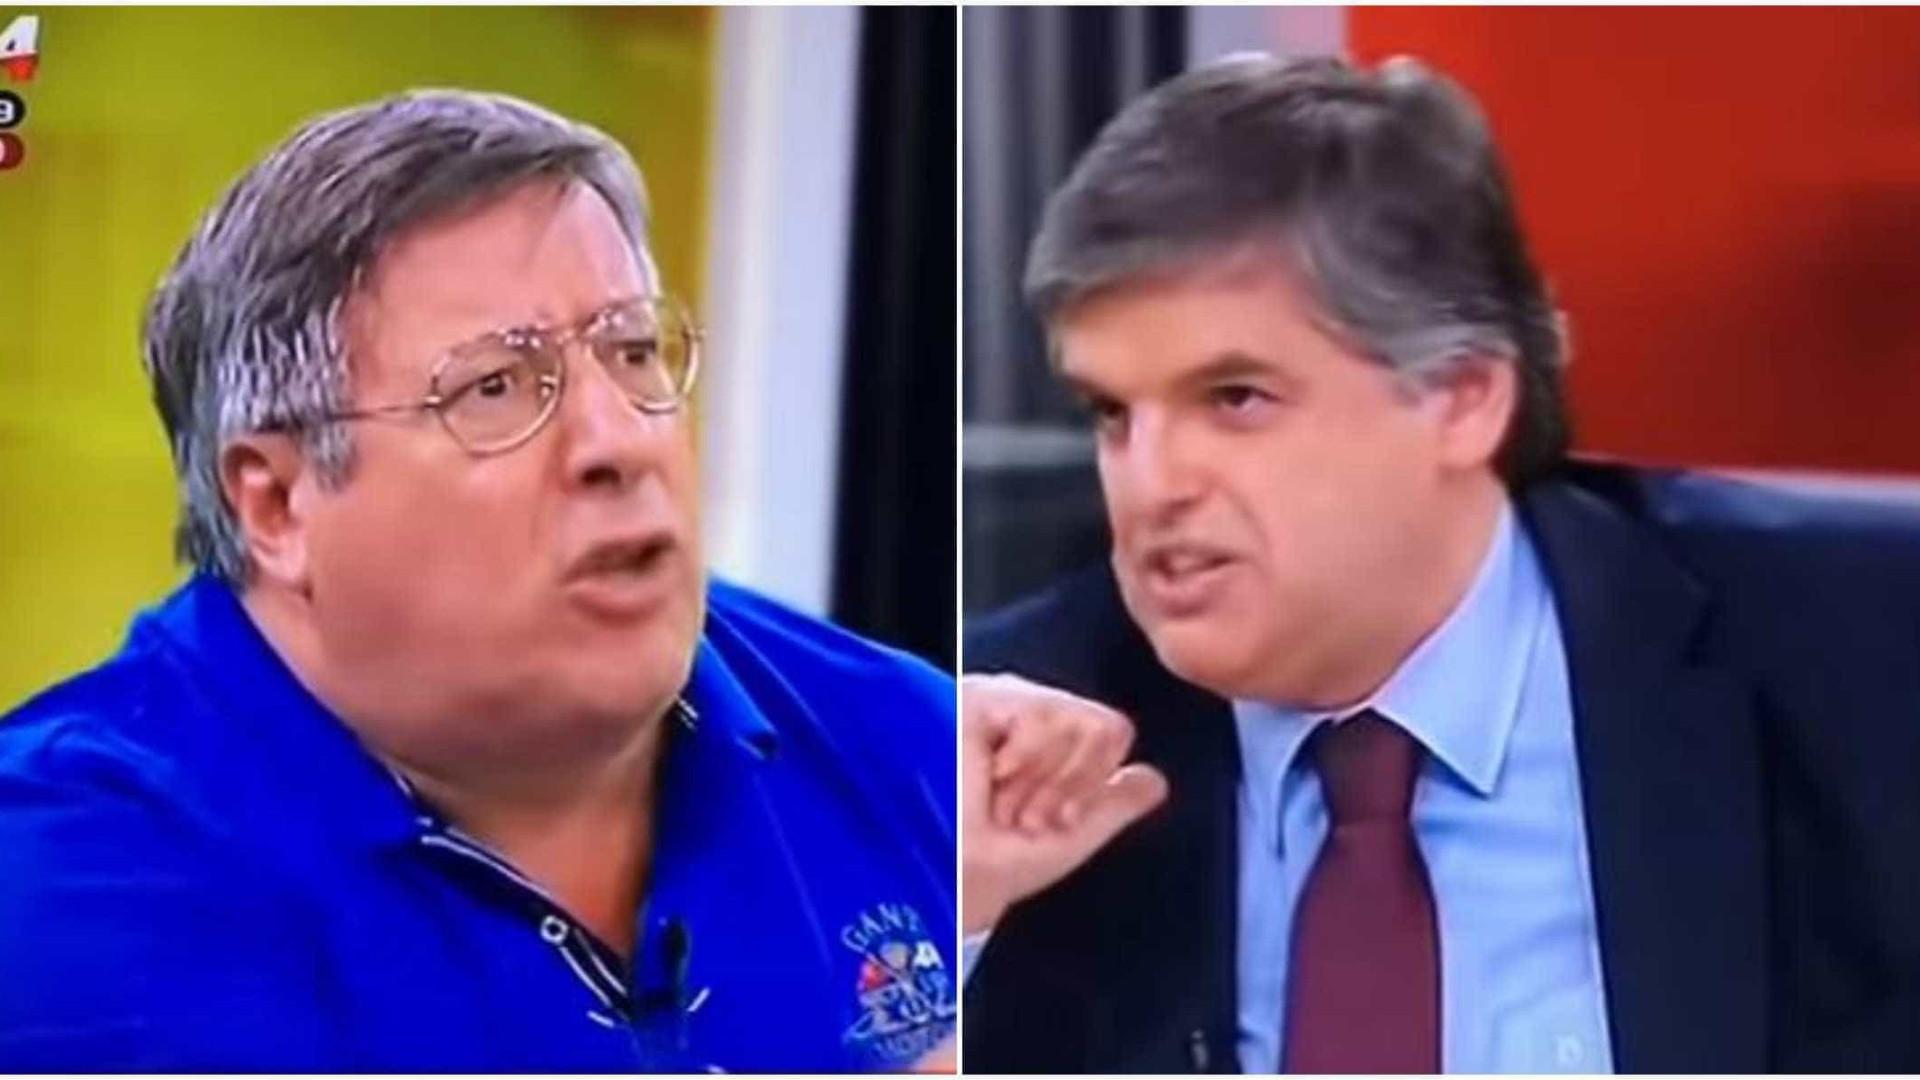 Acesa troca de palavras entre Manuel Serrão e Pedro Guerra já é viral